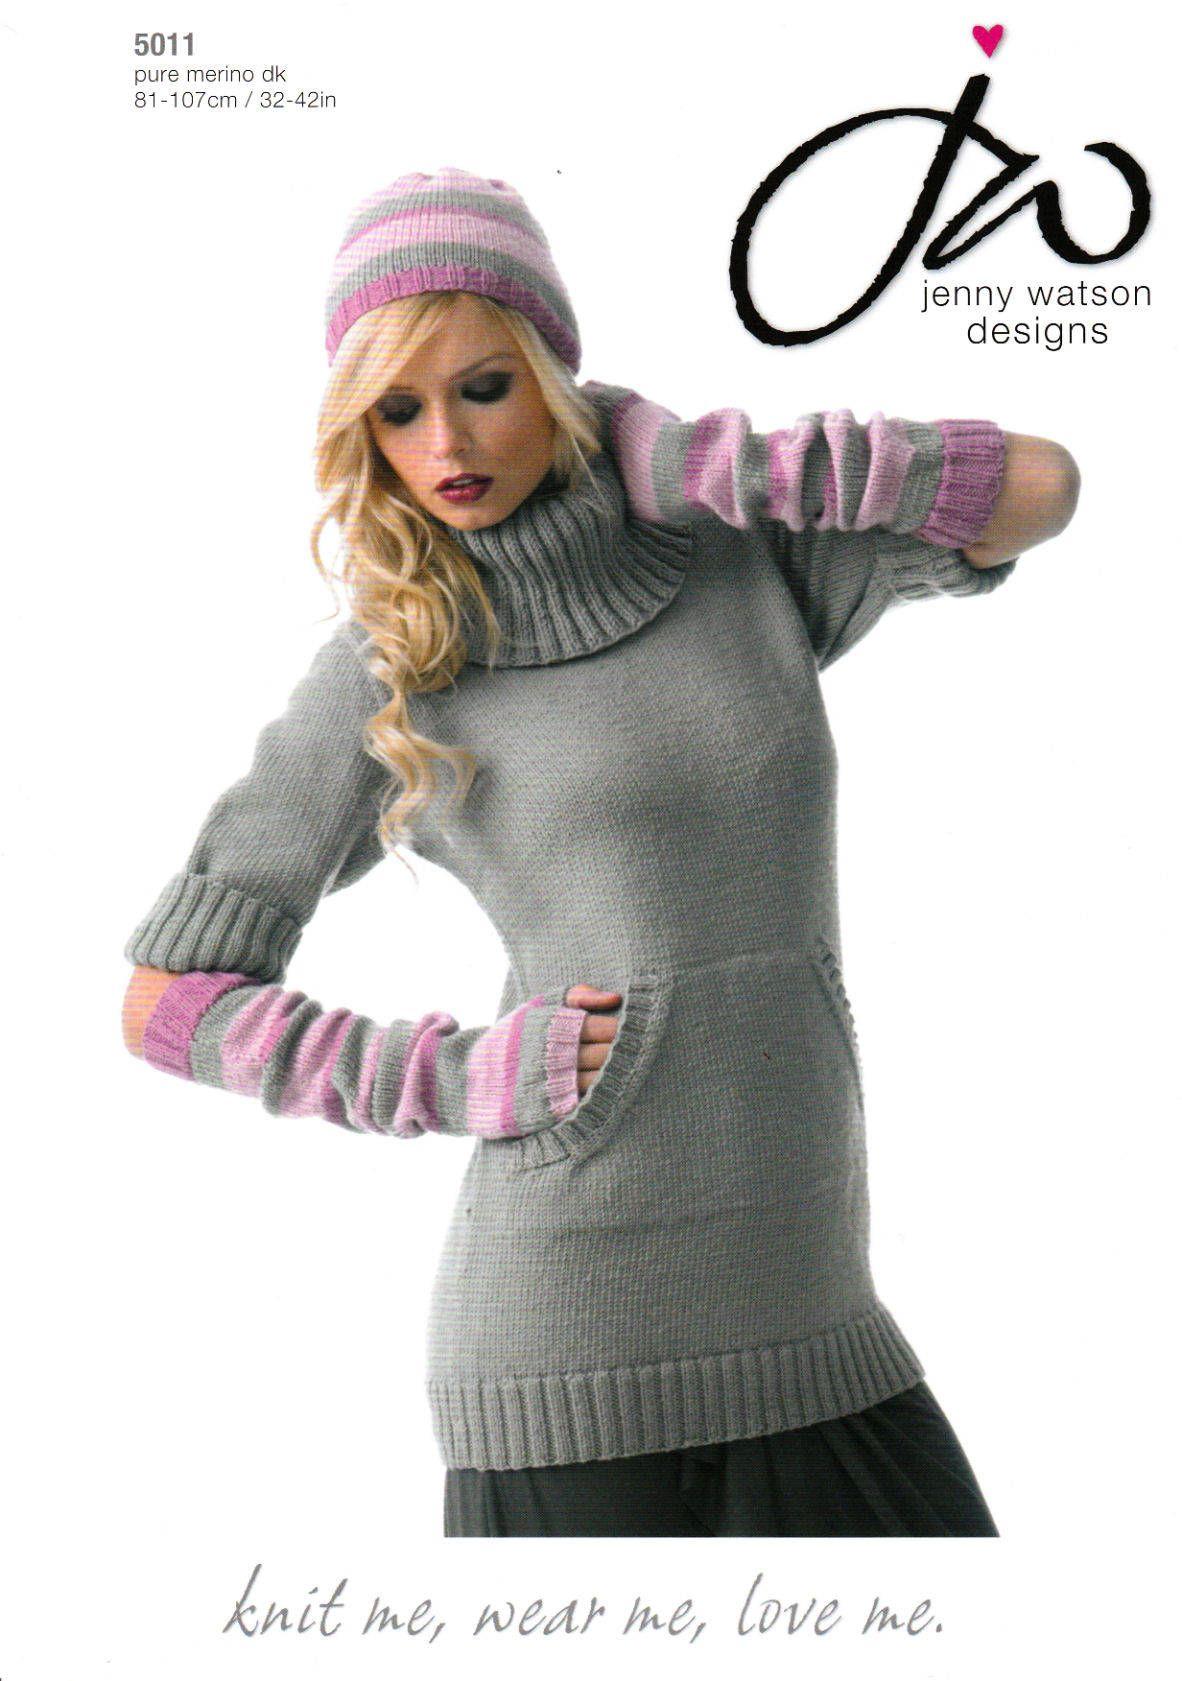 Jenny Watson Cowl Neck Sweater Dress Fingerless Gloves Hat Knitting Pattern By Threadbaregifts On Etsy Cowl Neck Sweater Dress Knitting Wool Jenny Watson [ 1681 x 1182 Pixel ]